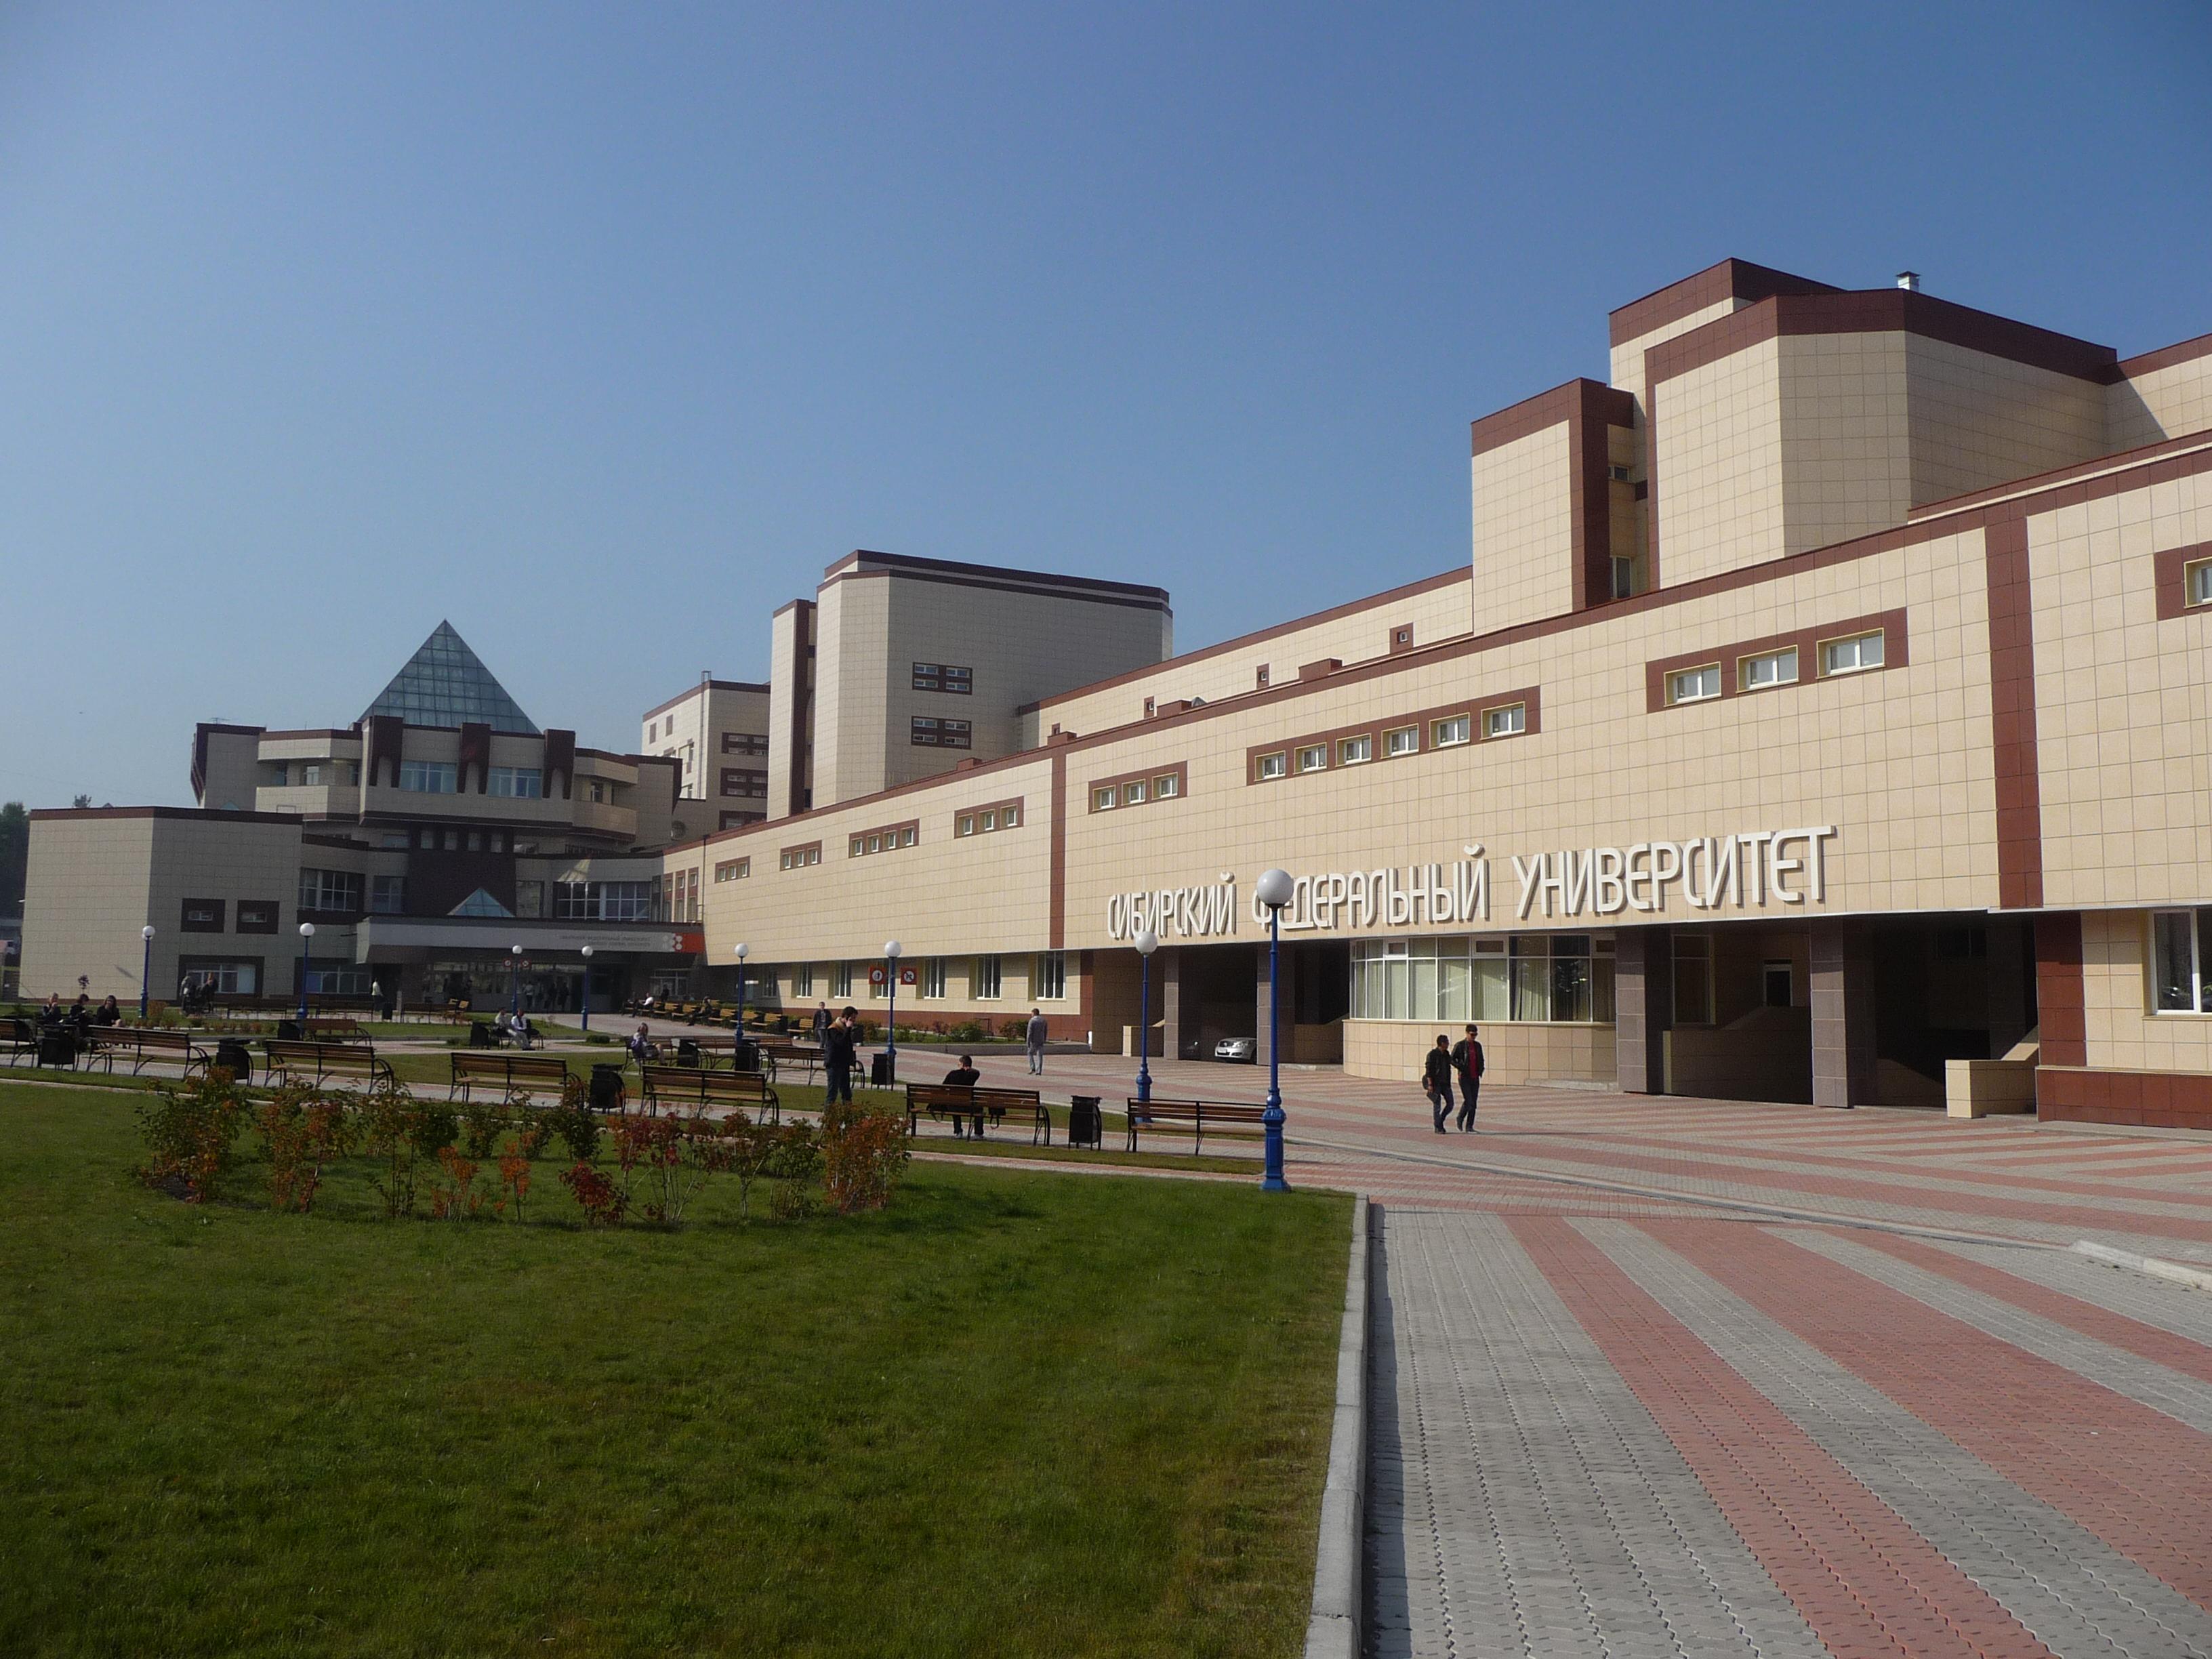 Университеты екатеринбурга с направлением дизайн